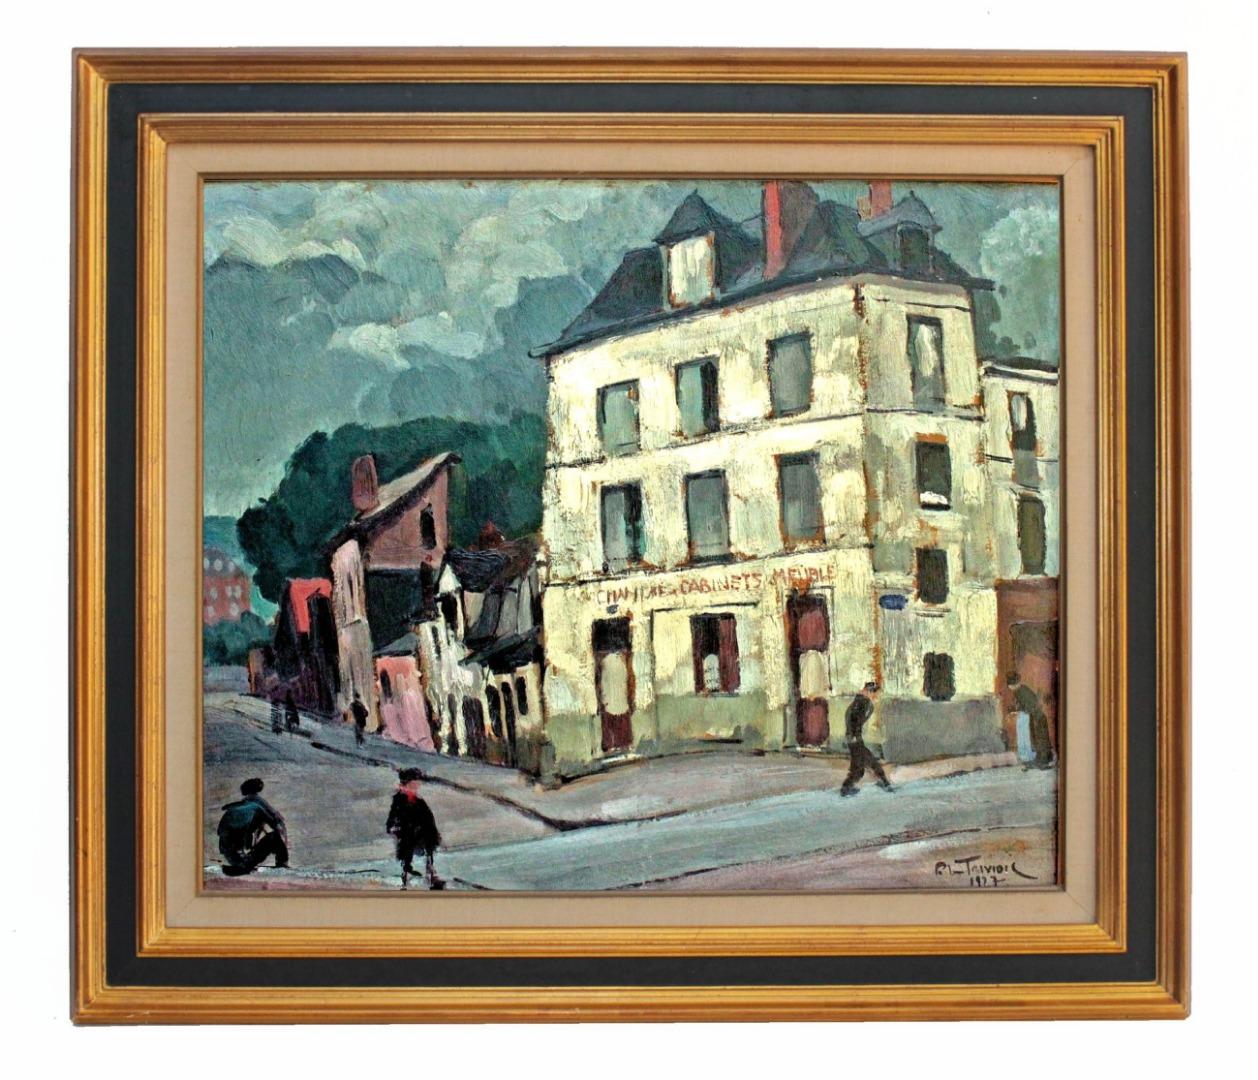 Peintres Ecole De Rouen recherche : pierre le trividic 1930 peinture ecole de rouen